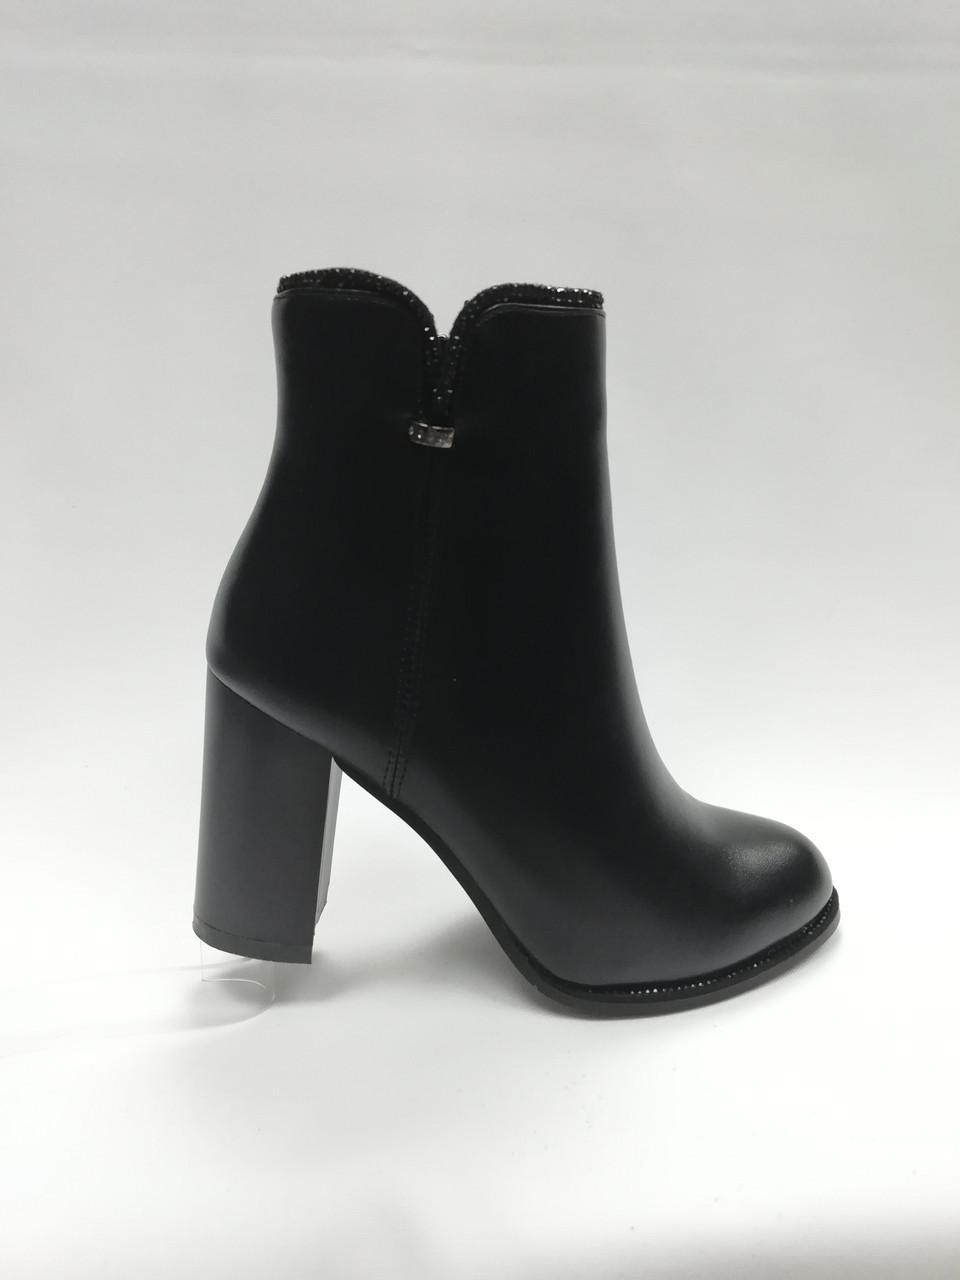 Чорні черевики з еко-шкіри. Ботильйони. Маленькі розміри (33 - 35).